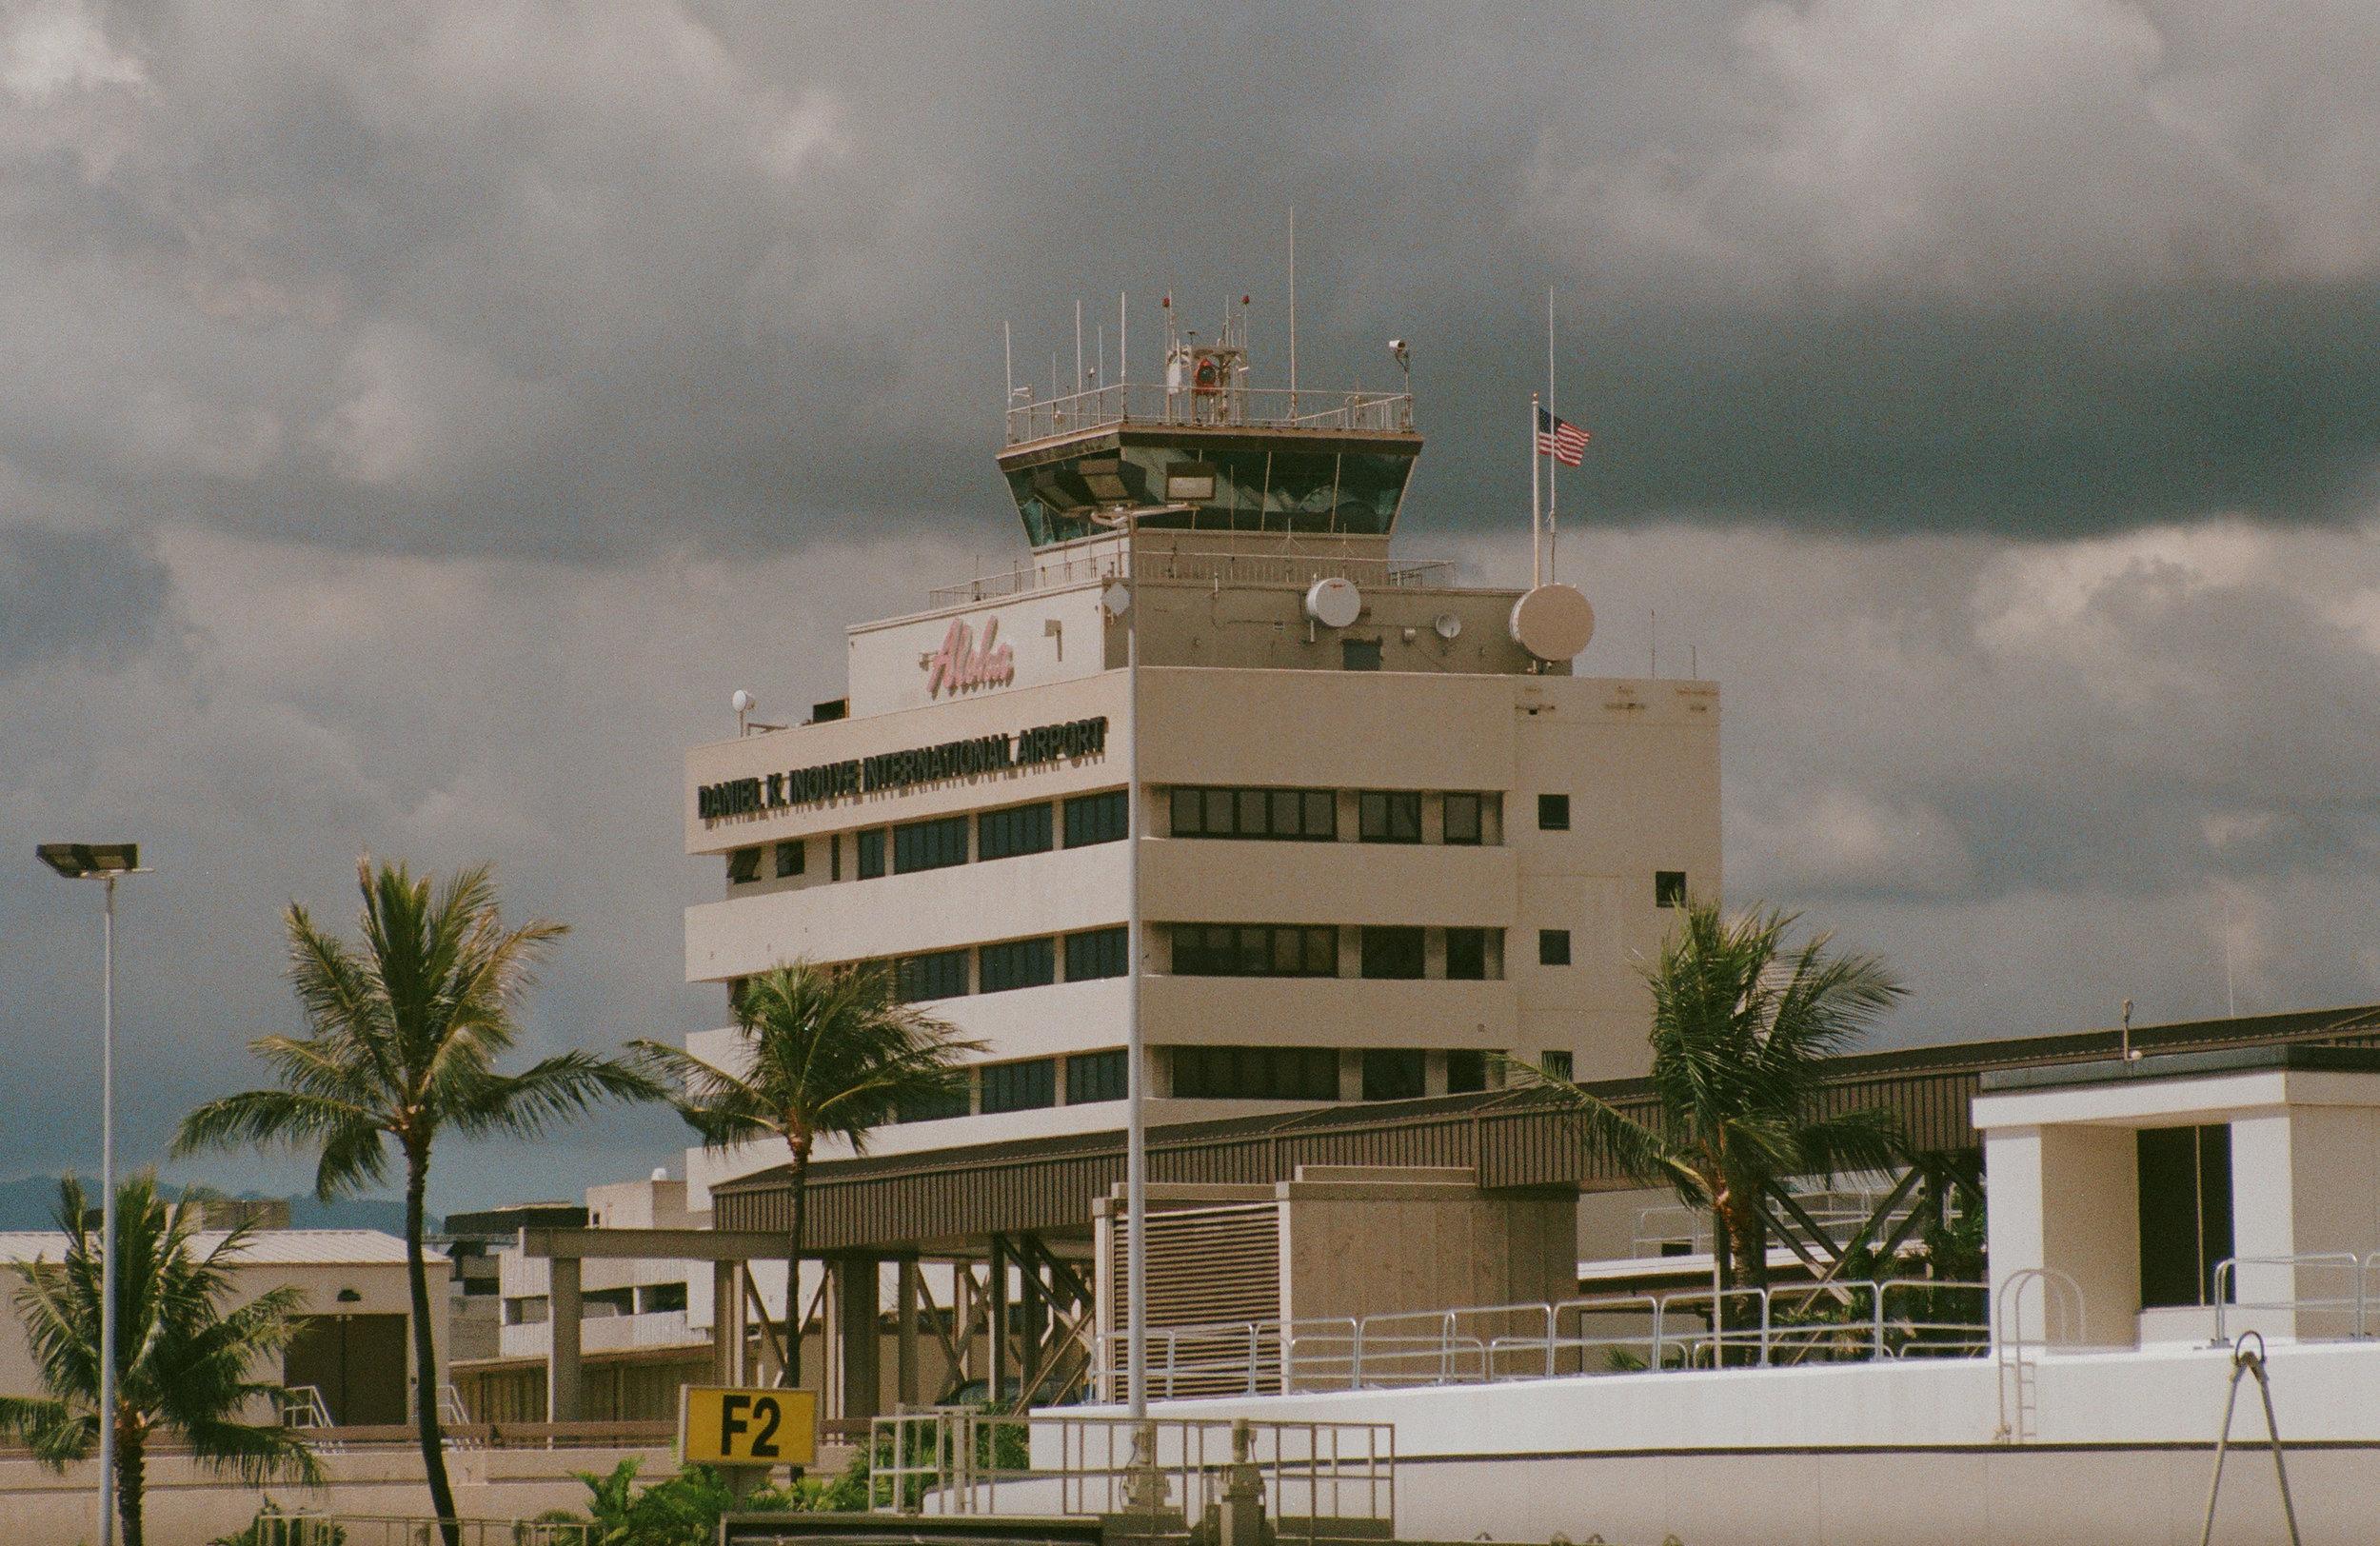 Honolulu Airport, Hawaii. 35mm. Minolta XG-1. Fujifilm Superia 400. Vivitar 80-200mm.